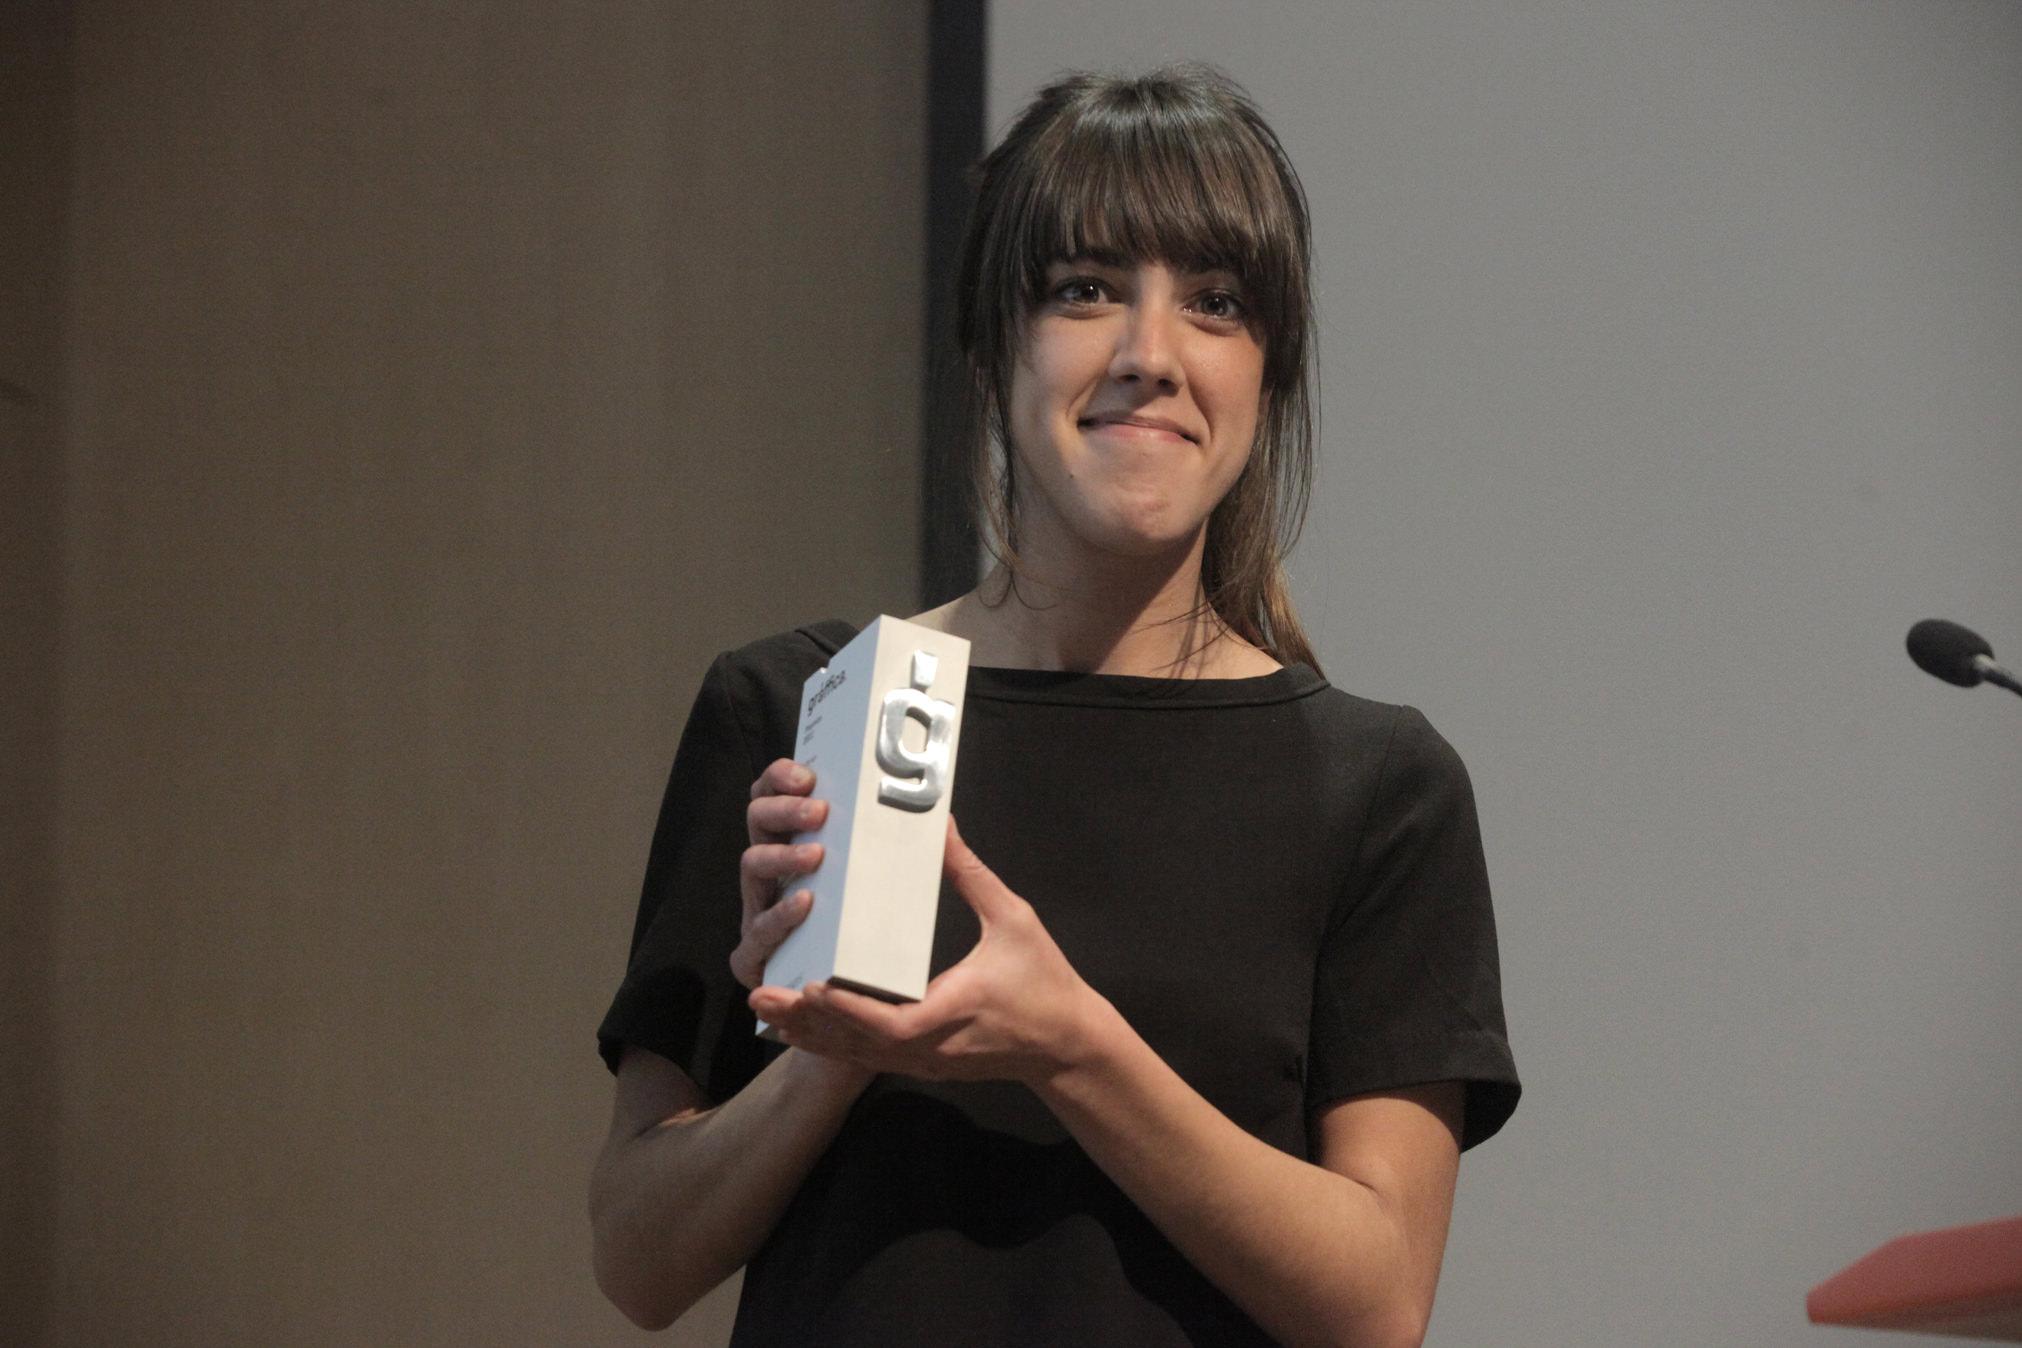 Iris Tárraga - Premios Gràffica 2011